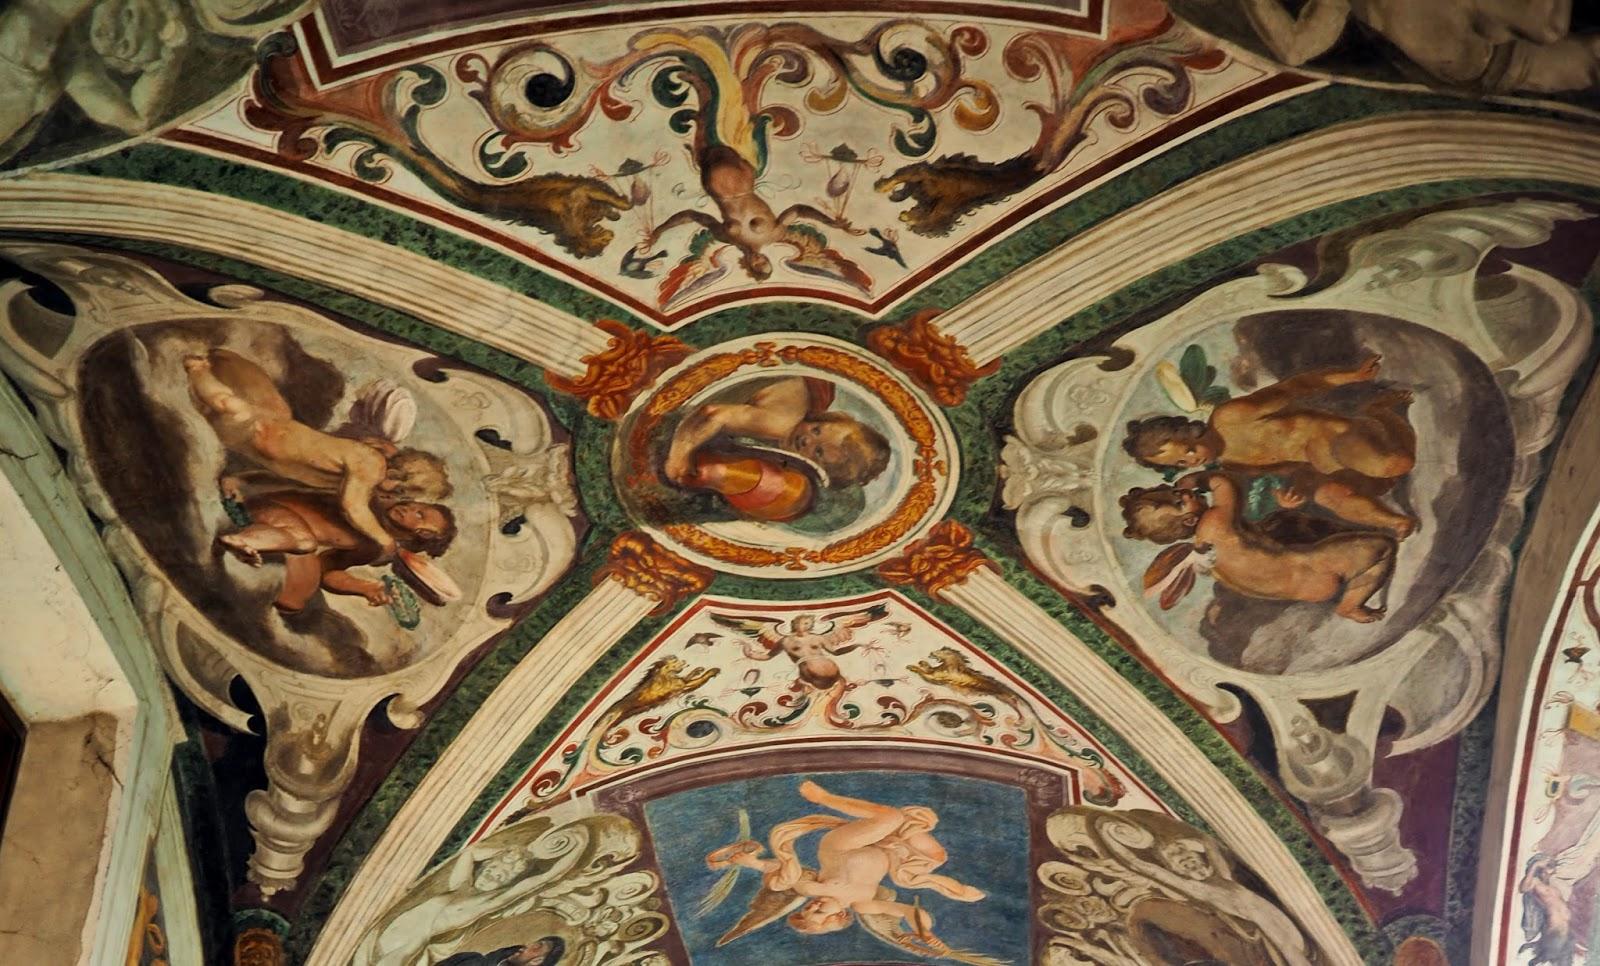 L'incantevole Chiostro & Chiesa di Santa Maria sopra Minerva **Apertura Straordinaria**